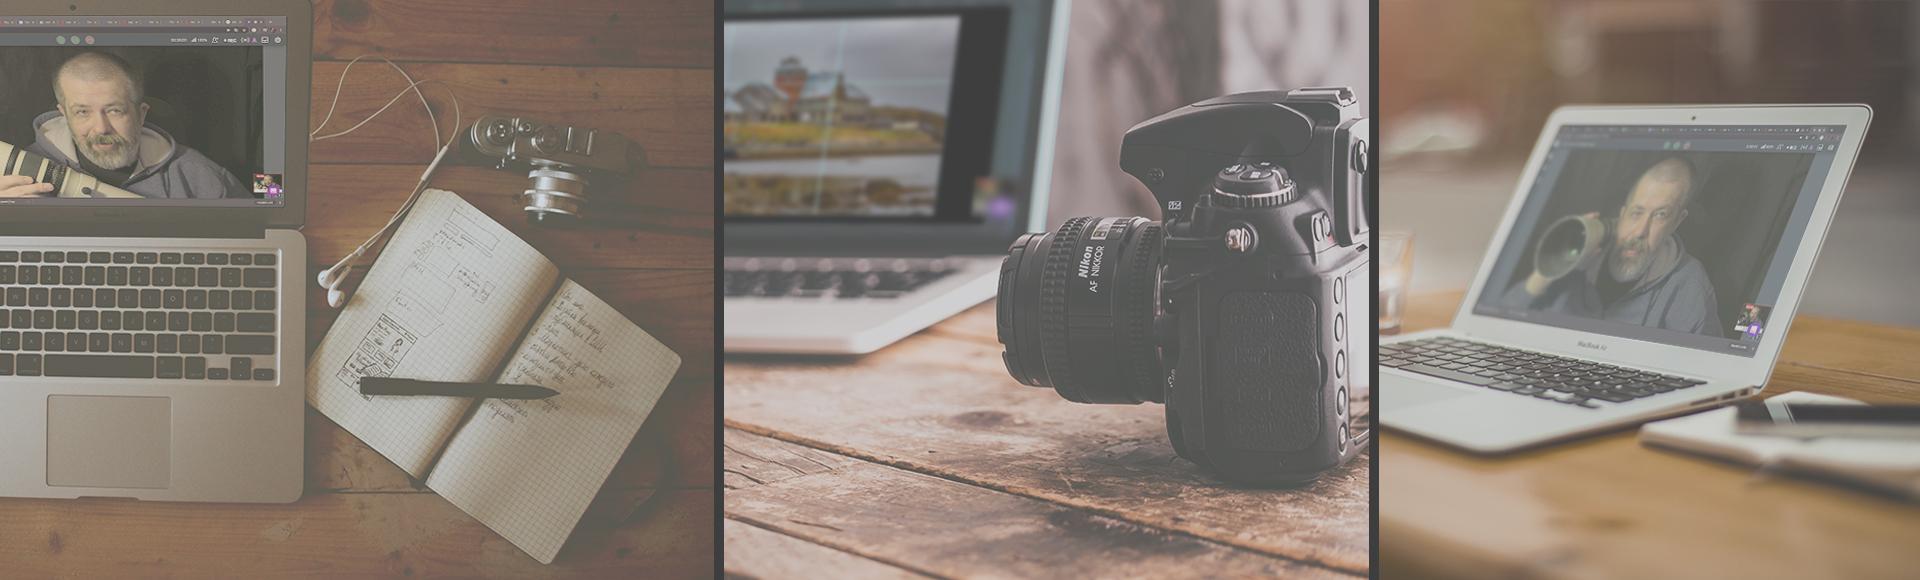 Основы фотографии онлайн